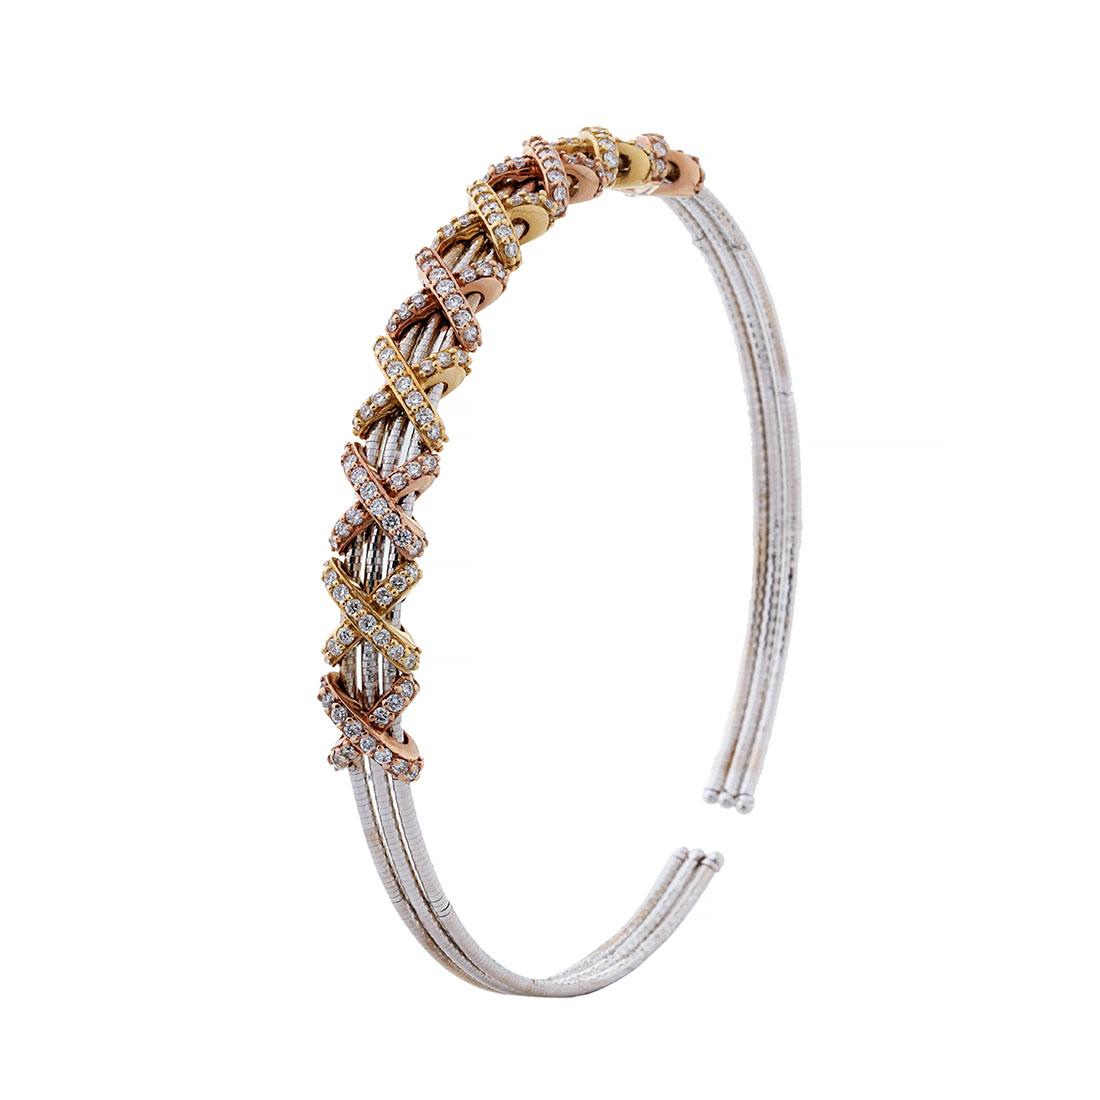 دستبند برليان 78757 A گوهربين goharbin